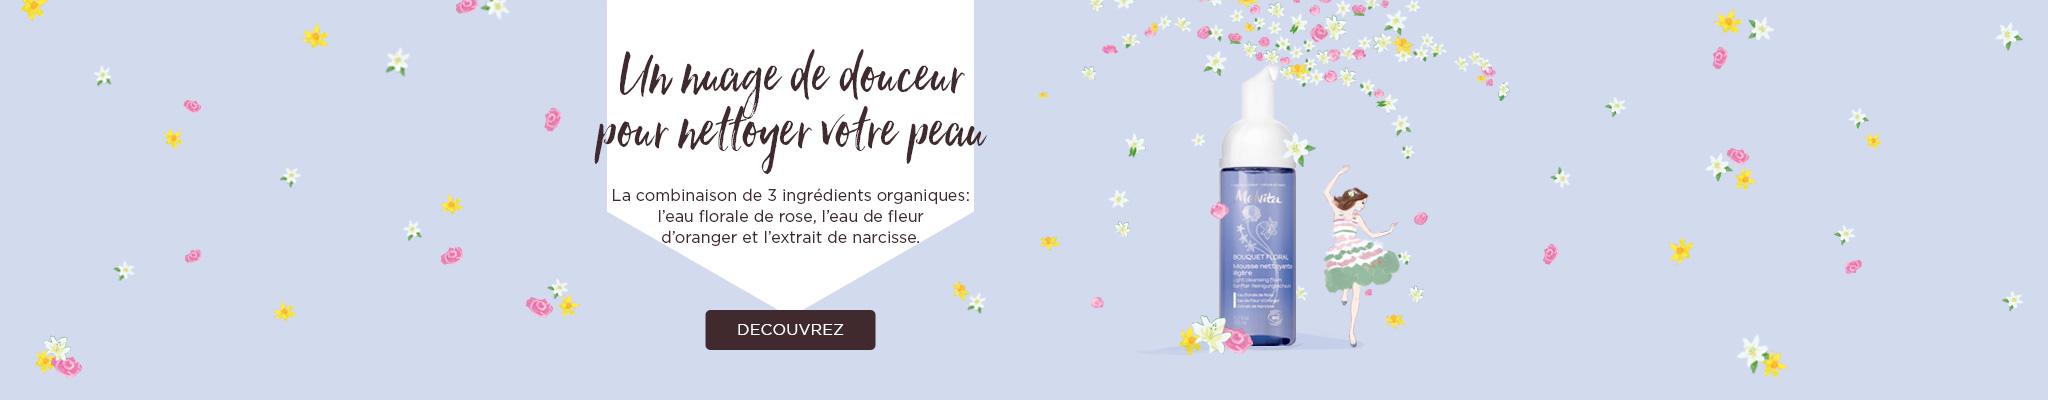 un nuage de douceur pour netoyer votre peau, une combinaision de 3 ingérdinets organiques: eau florale de rose, eau de fleur d